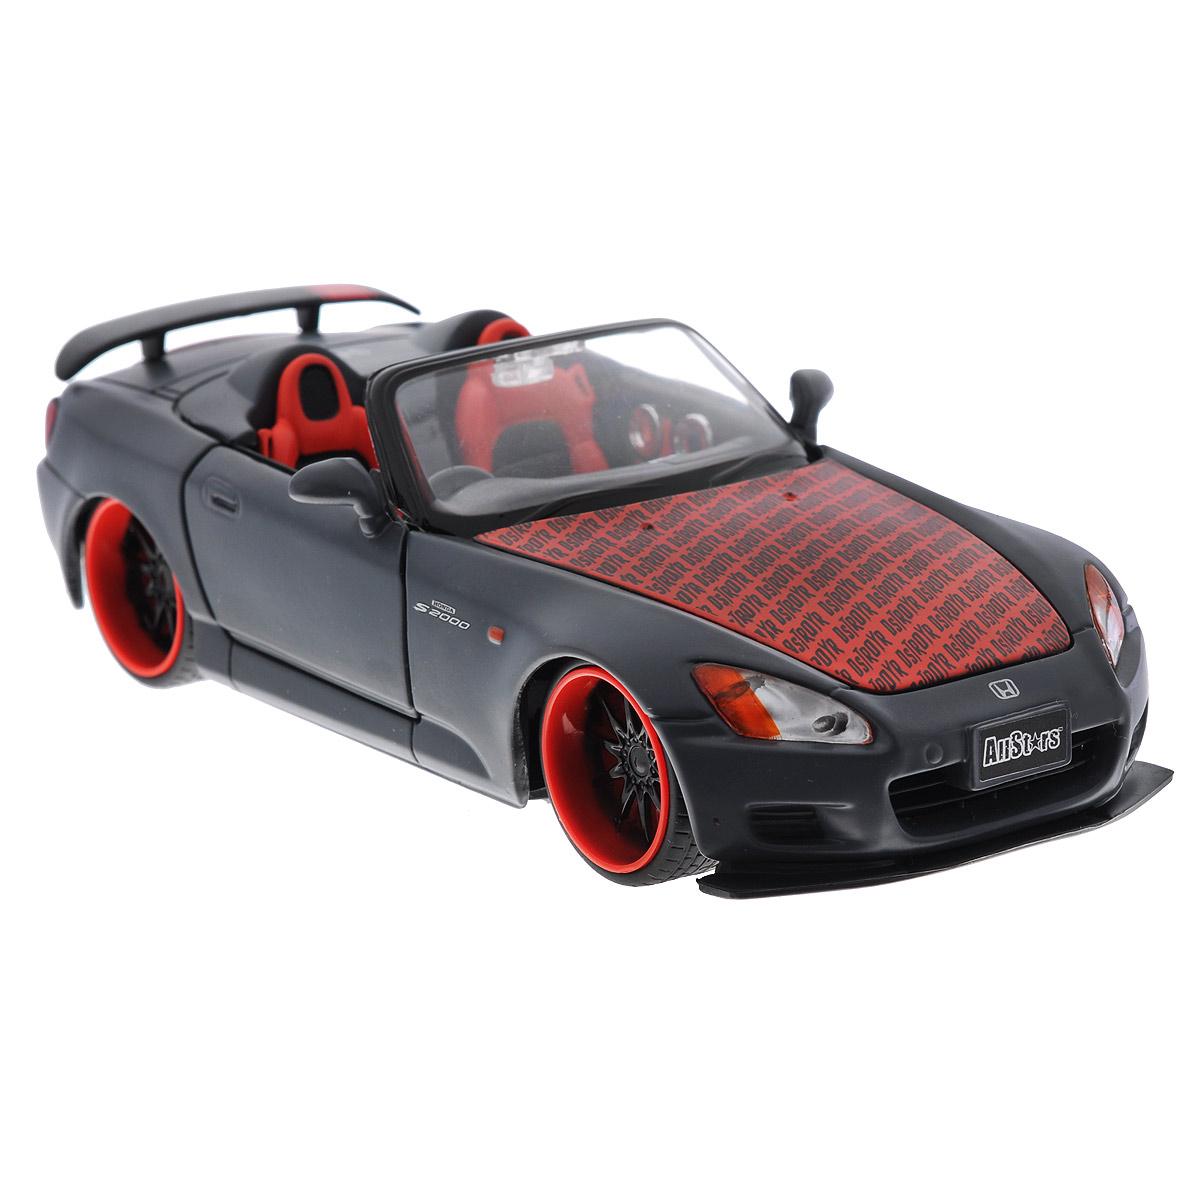 Maisto Модель автомобиля Honda S200032098Коллекционная модель Maisto Honda S2000 - миниатюрная копия настоящего автомобиля. Стильная модель автомобиля привлечет к себе внимание не только детей, но и взрослых. Модель имеет литой металлический корпус с высокой детализацией двигателя, интерьера салона, дисков, протекторов, выхлопной системы, оснащена колесами из мягкой резины. У машинки открываются дверцы кабины и капот. Игрушка в точности повторяет модель оригинальной техники, подробная детализация в полной мере позволит вам оценить высокую точность копии этой машины! Такая модель станет отличным подарком не только любителю автомобилей, но и человеку, ценящему оригинальность и изысканность, а качество исполнения представит такой подарок в самом лучшем свете.